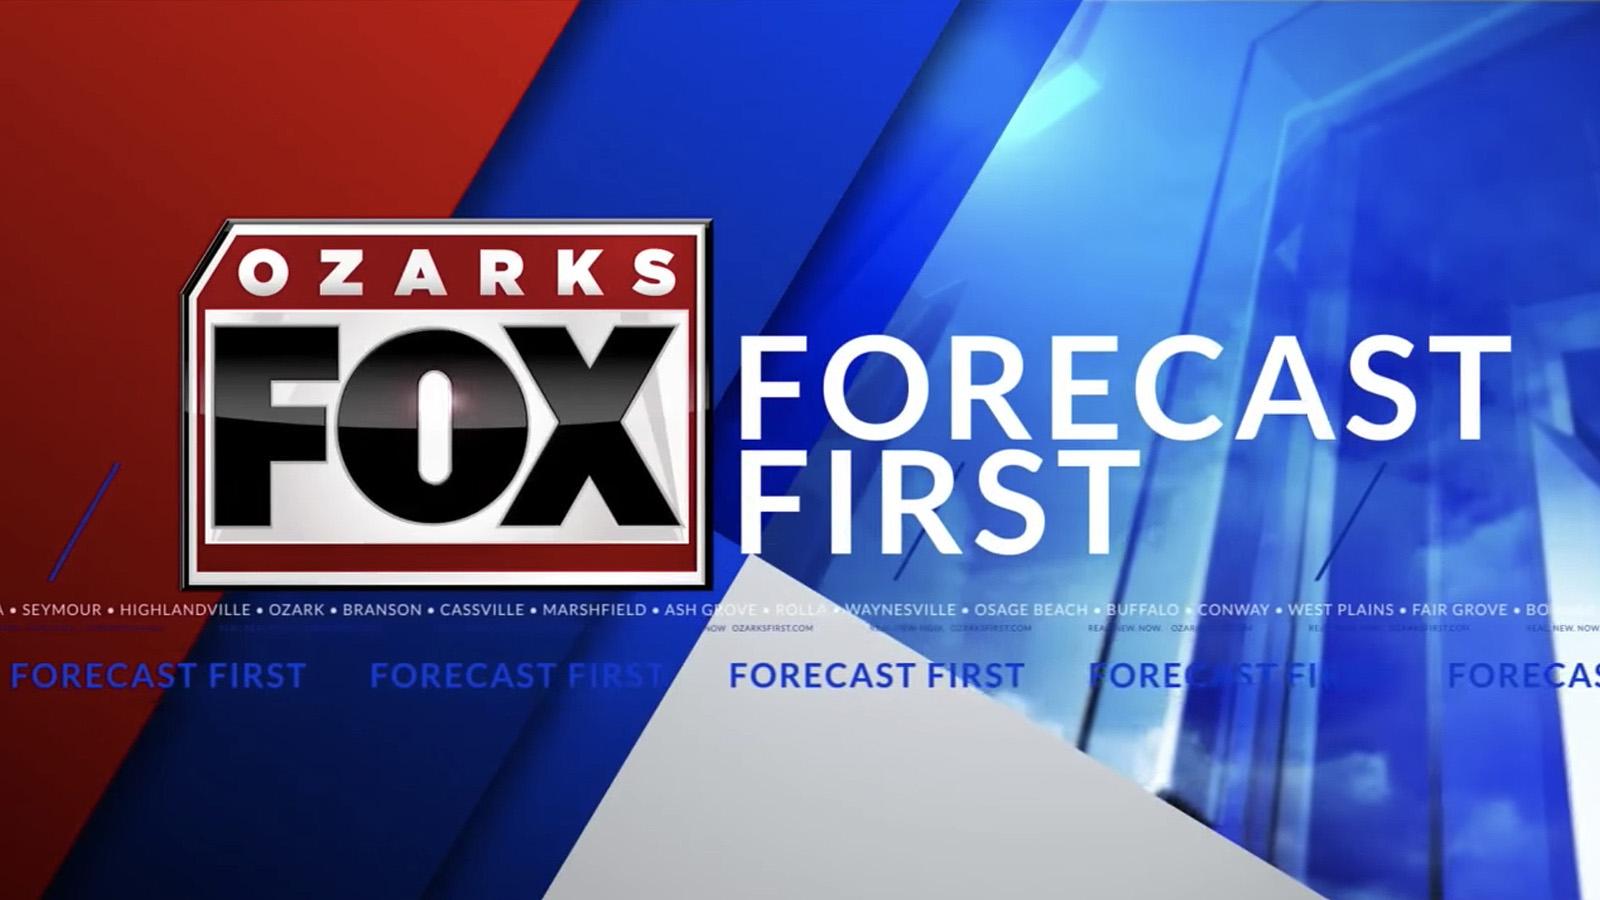 NCS_Ozarks-Fox-Graphics_014